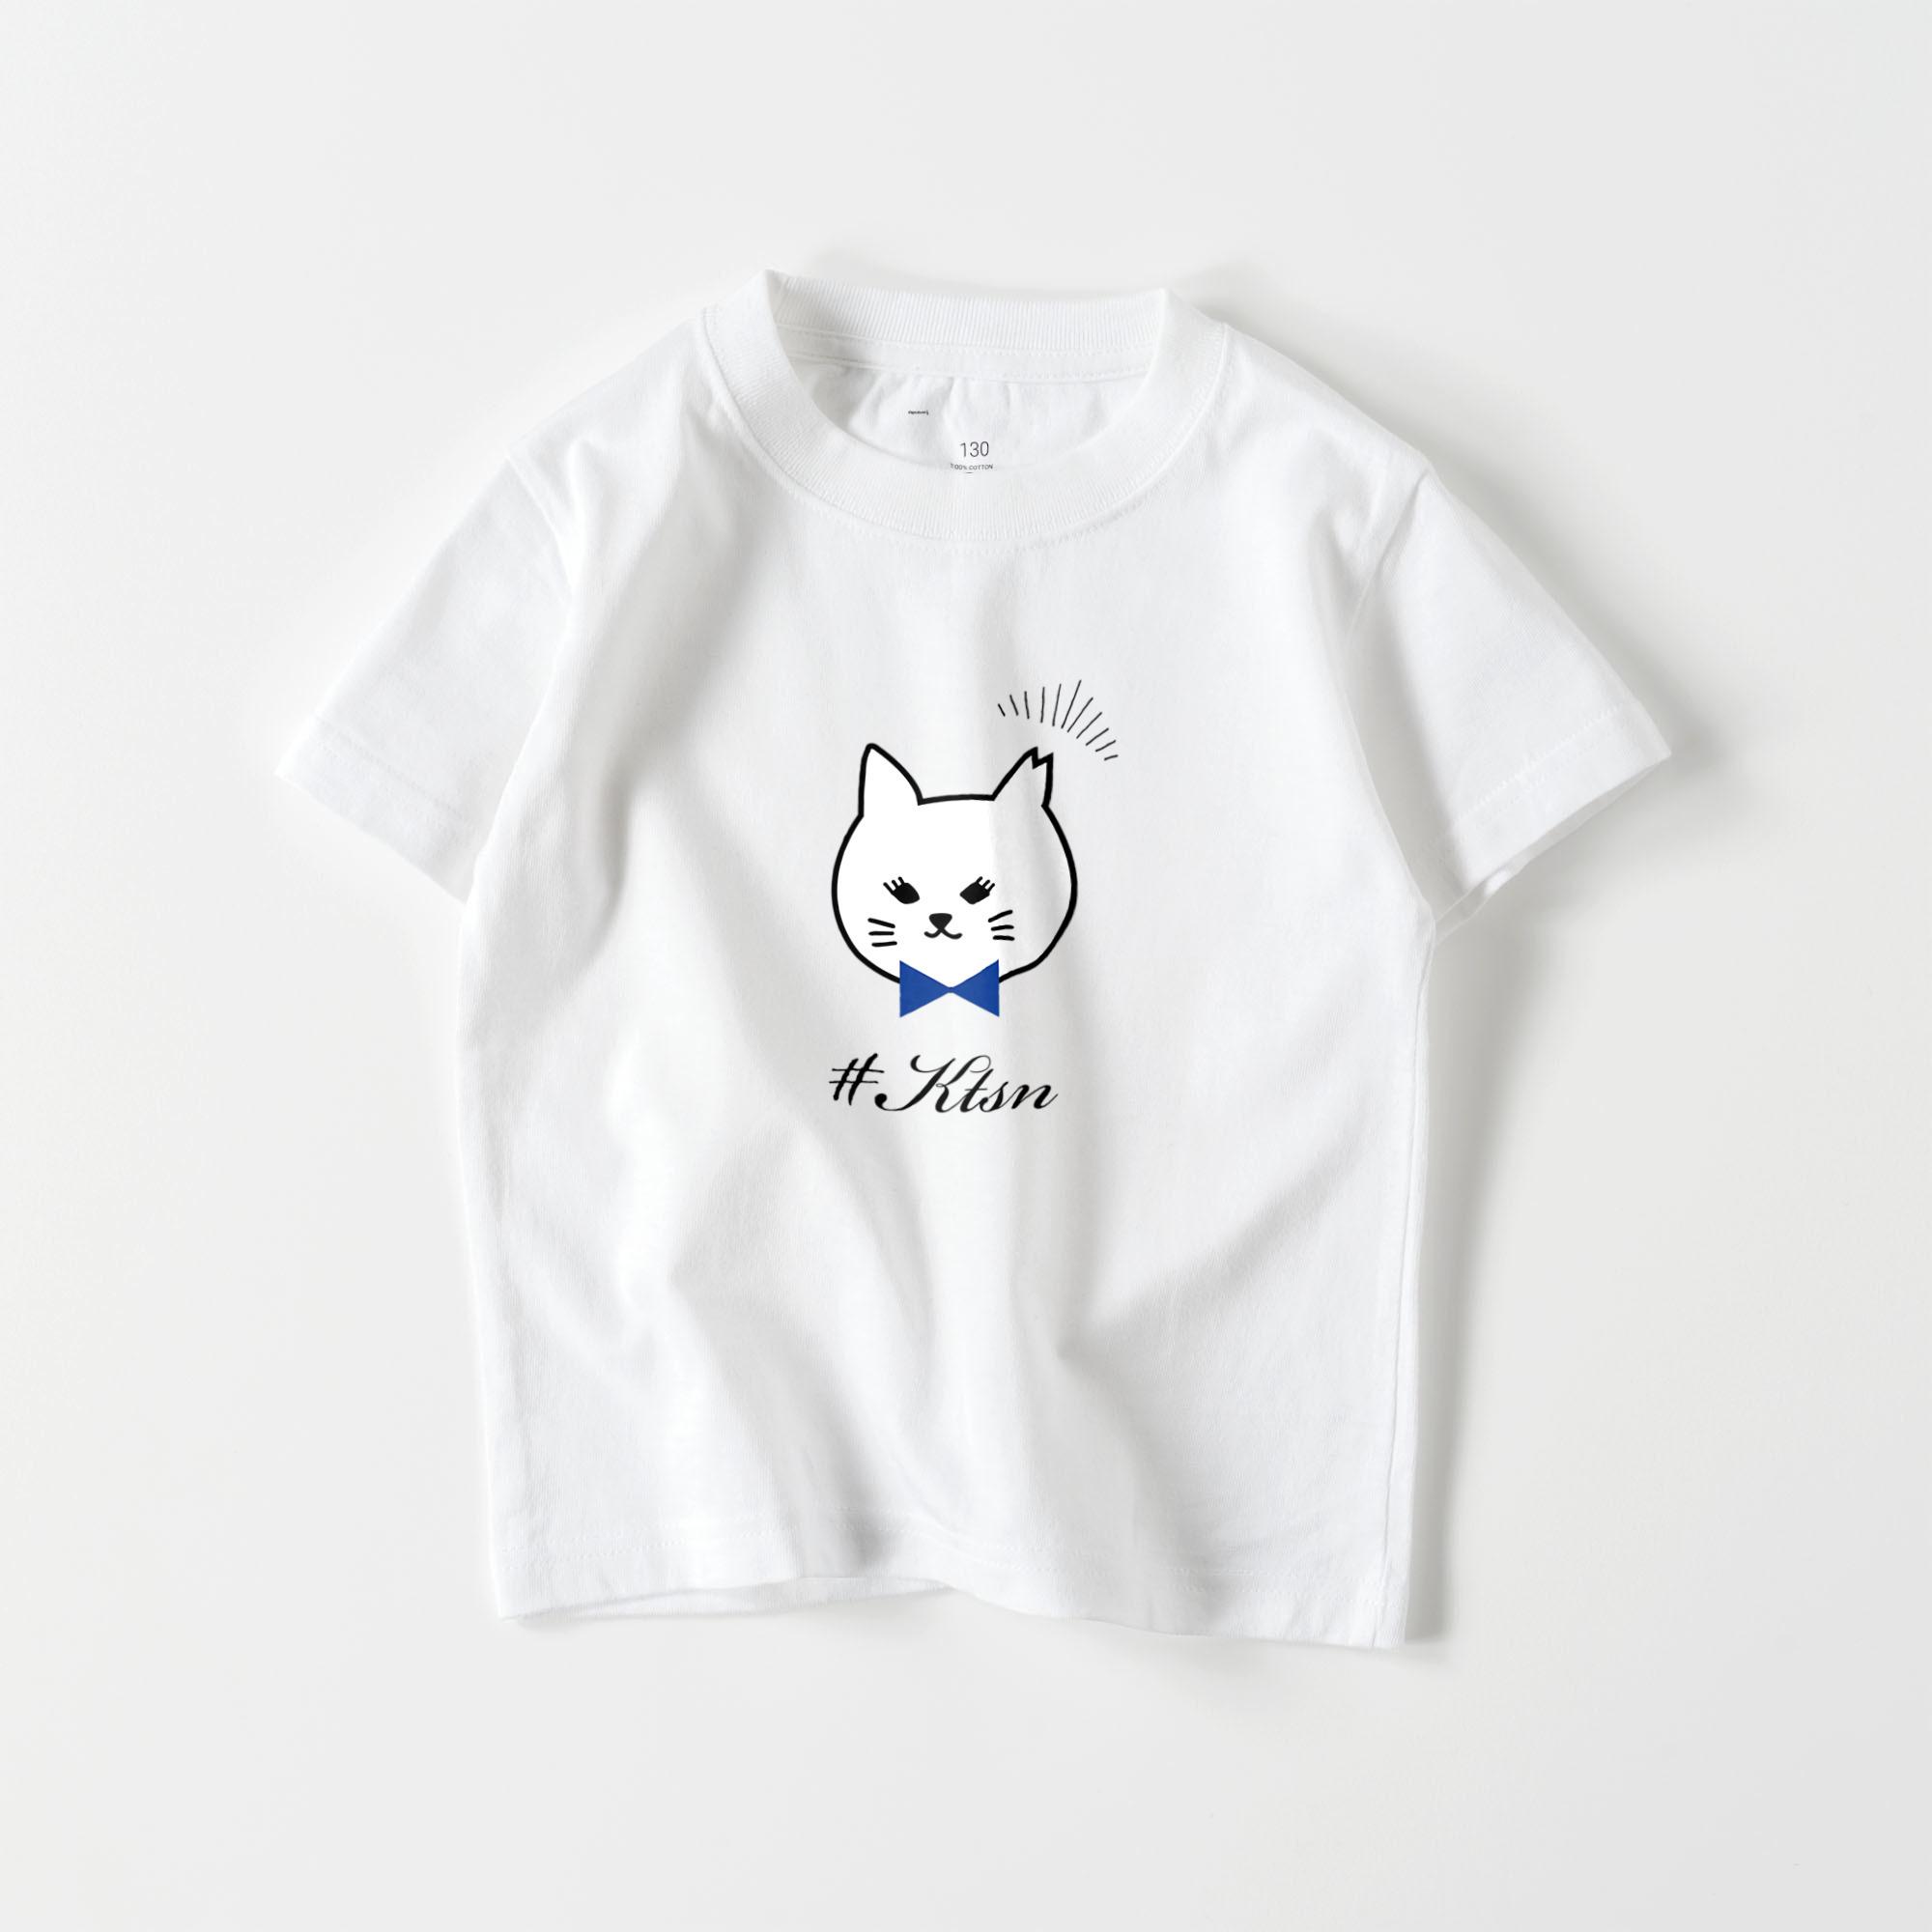 #KTSN×kaco 白猫キッズTシャツ